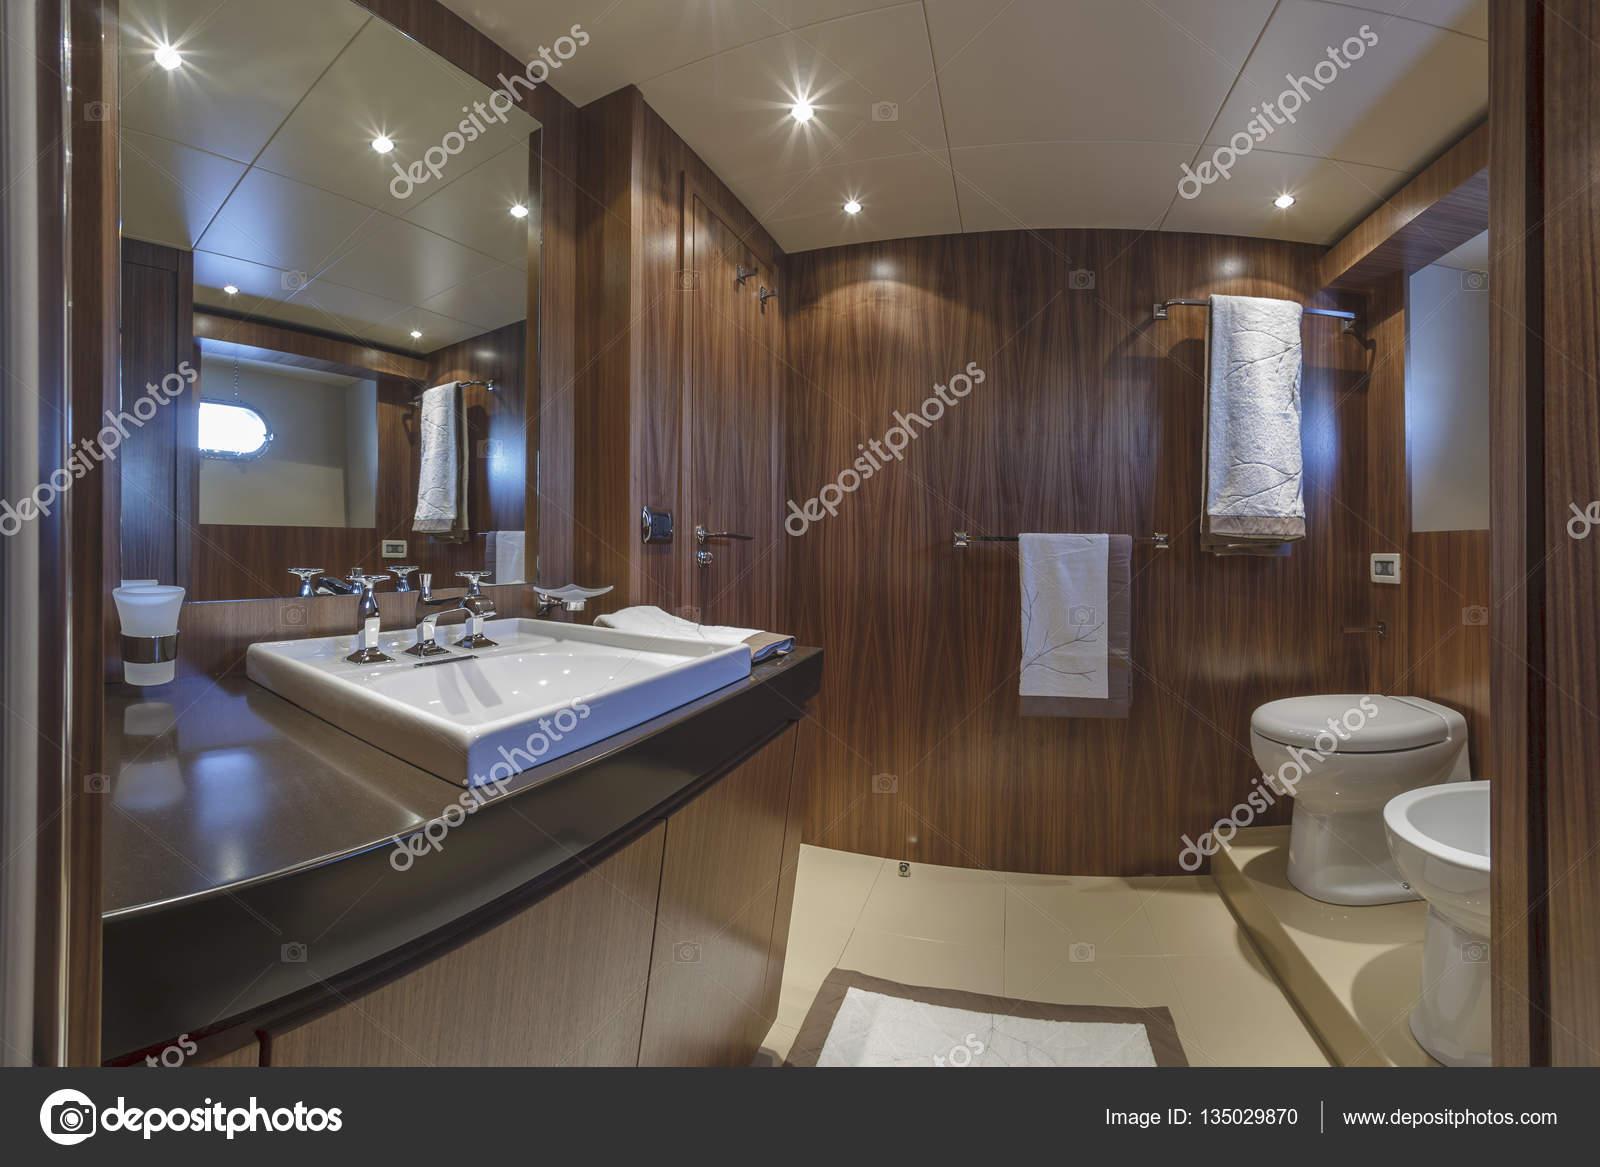 Italia viareggio 82 39 yacht di lusso bagno ospiti foto stock agiampiccolo 135029870 - Bagno roma viareggio ...